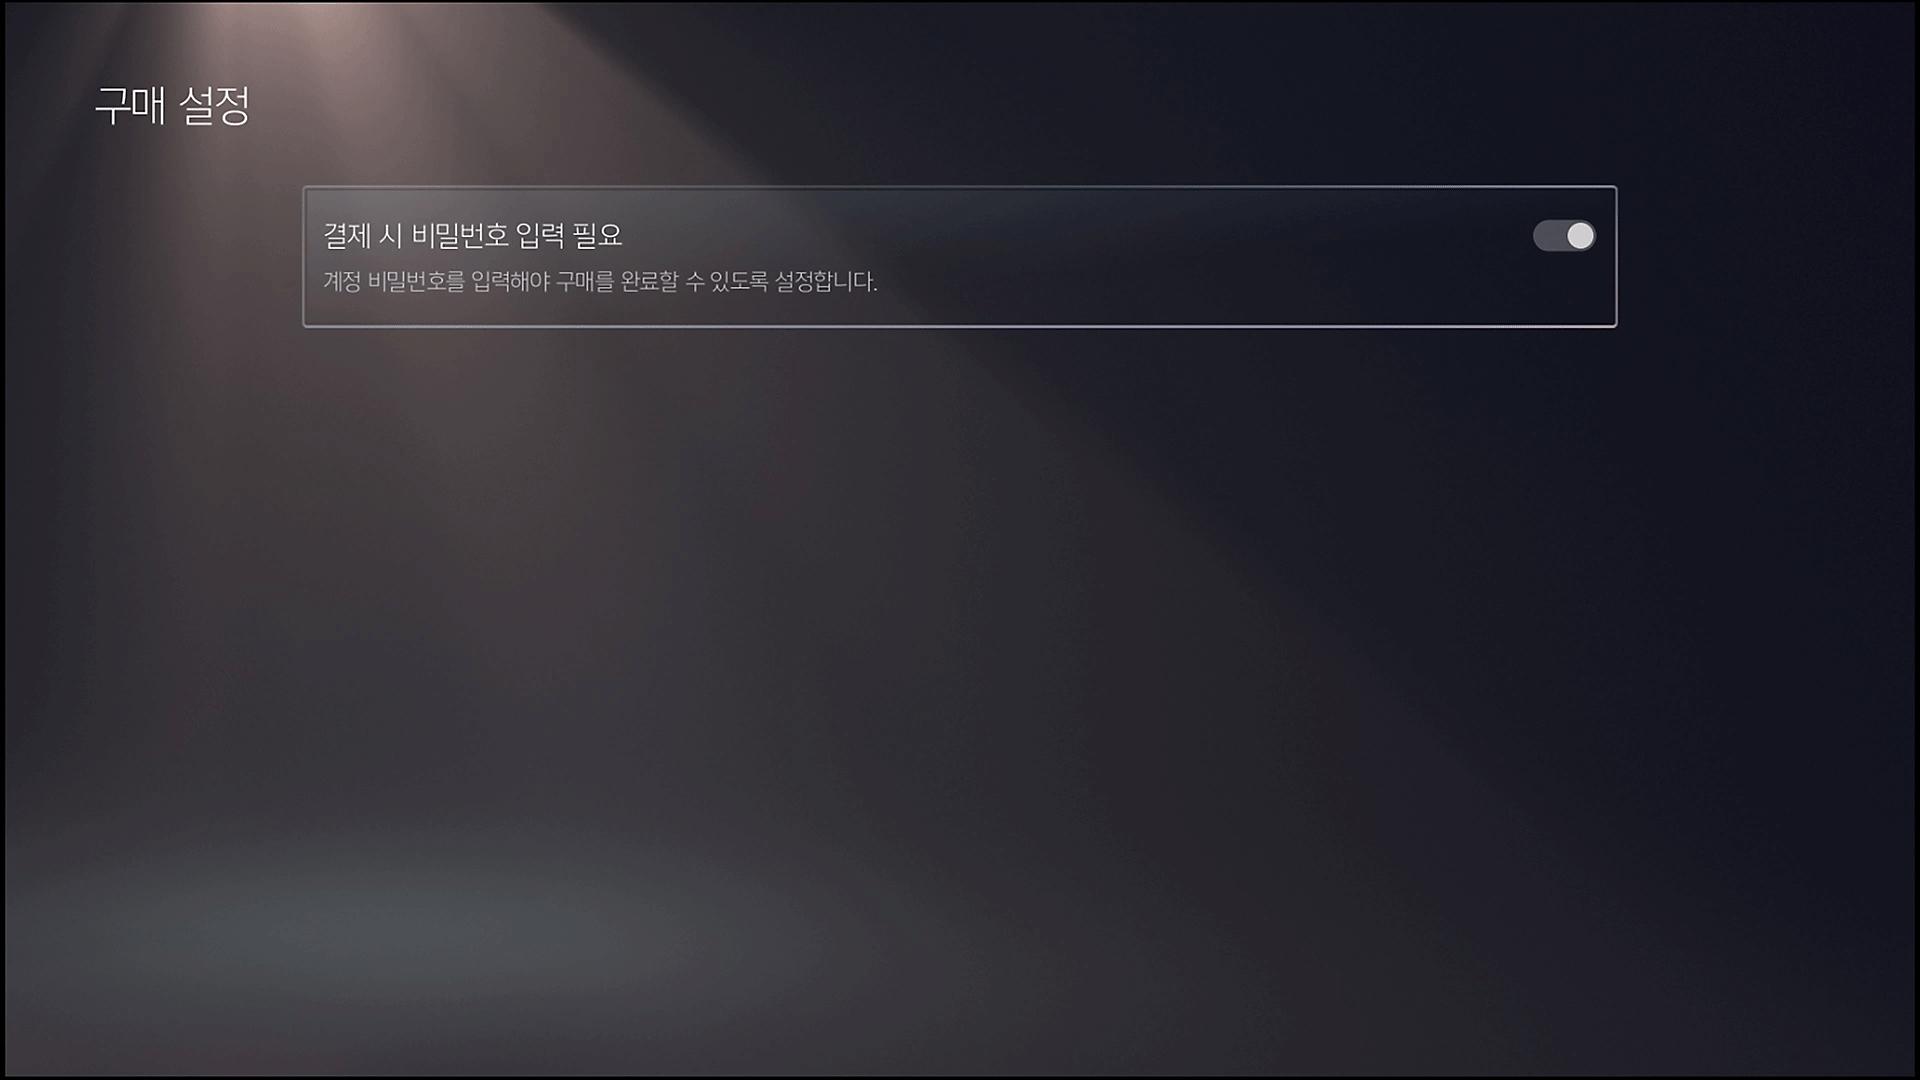 결제 시 비밀번호 필요 옵션이 표시된 PS5 구매 설정 화면